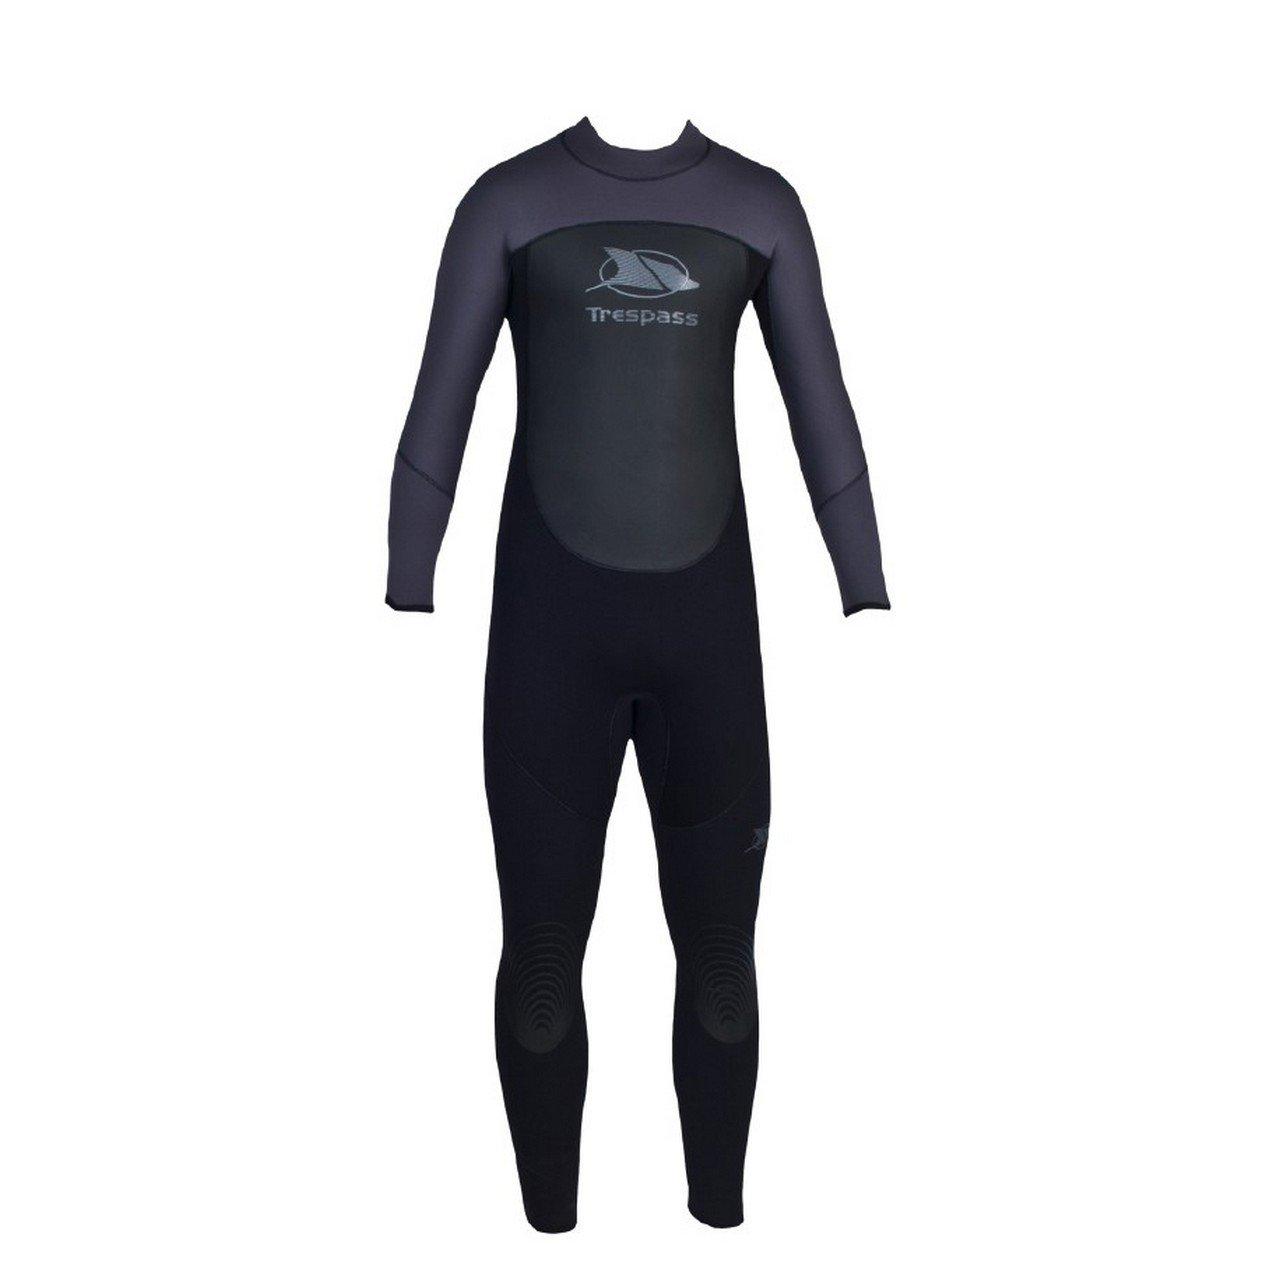 Trespass Diver Mens 5mm Full Length Neoprene Wetsuit (XS) (Black)